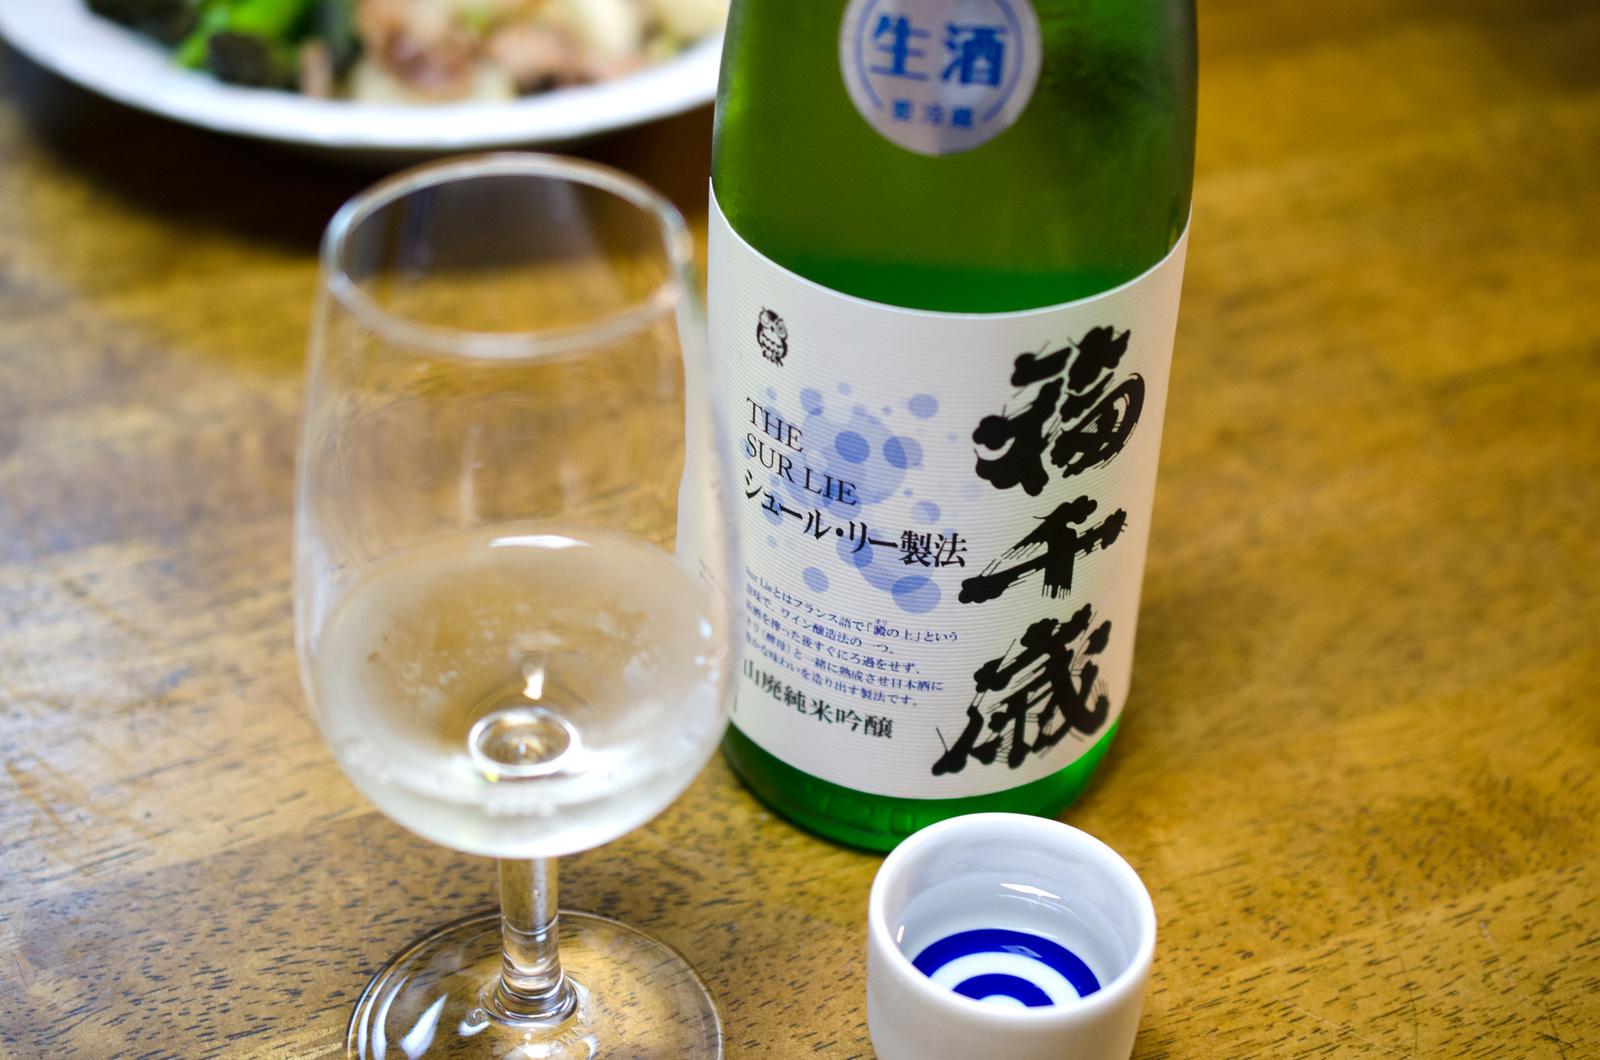 田嶋酒造 福千歳 山廃 純米吟醸 生酒 シュール・リー